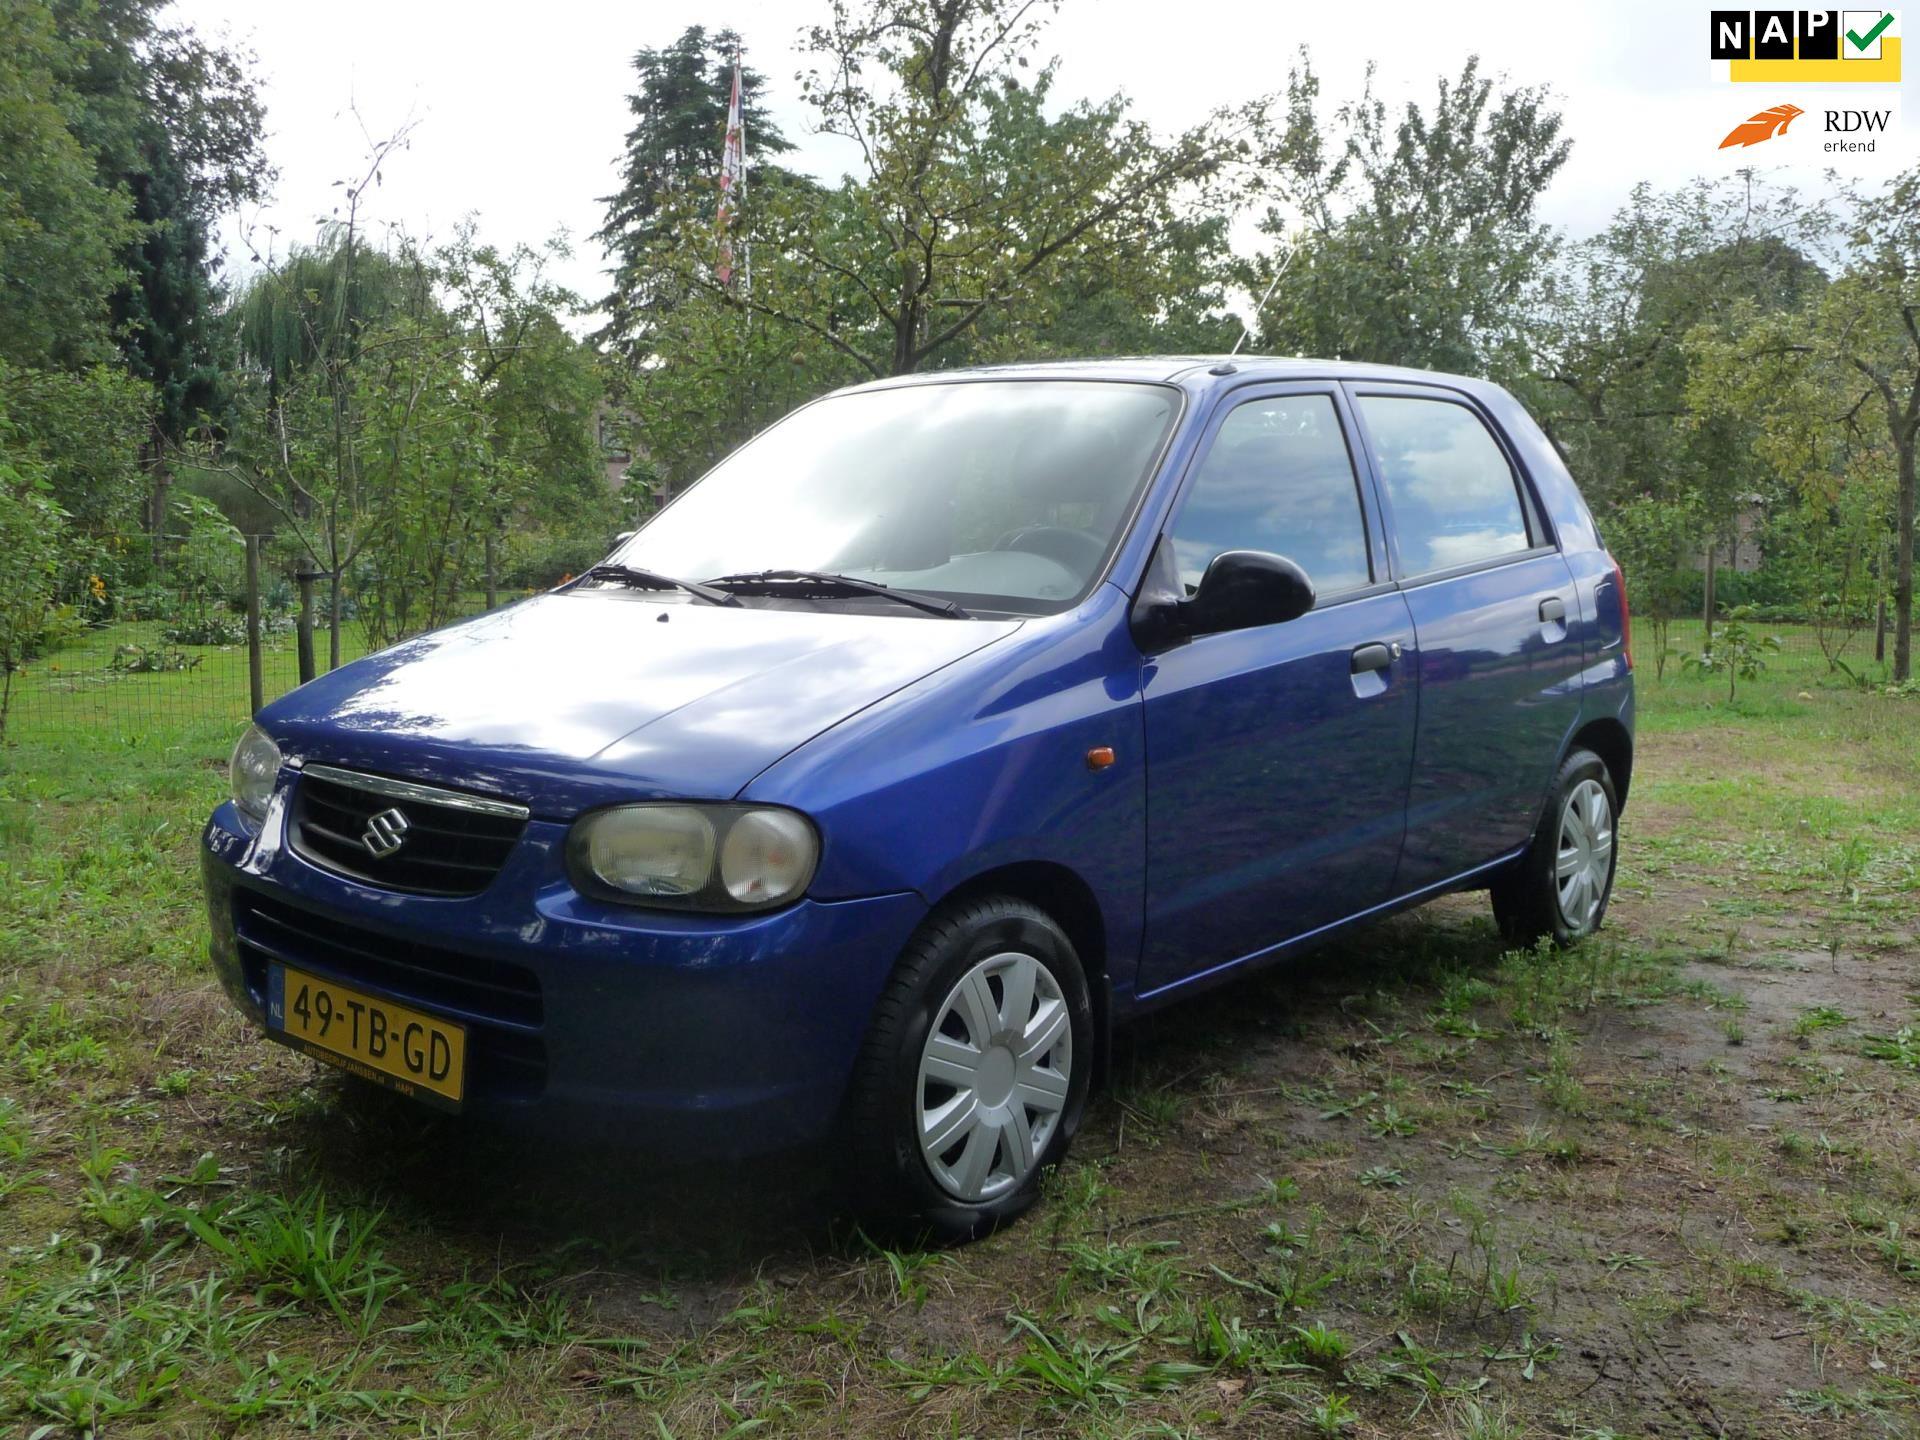 Suzuki Alto occasion - Verhoeven Cars